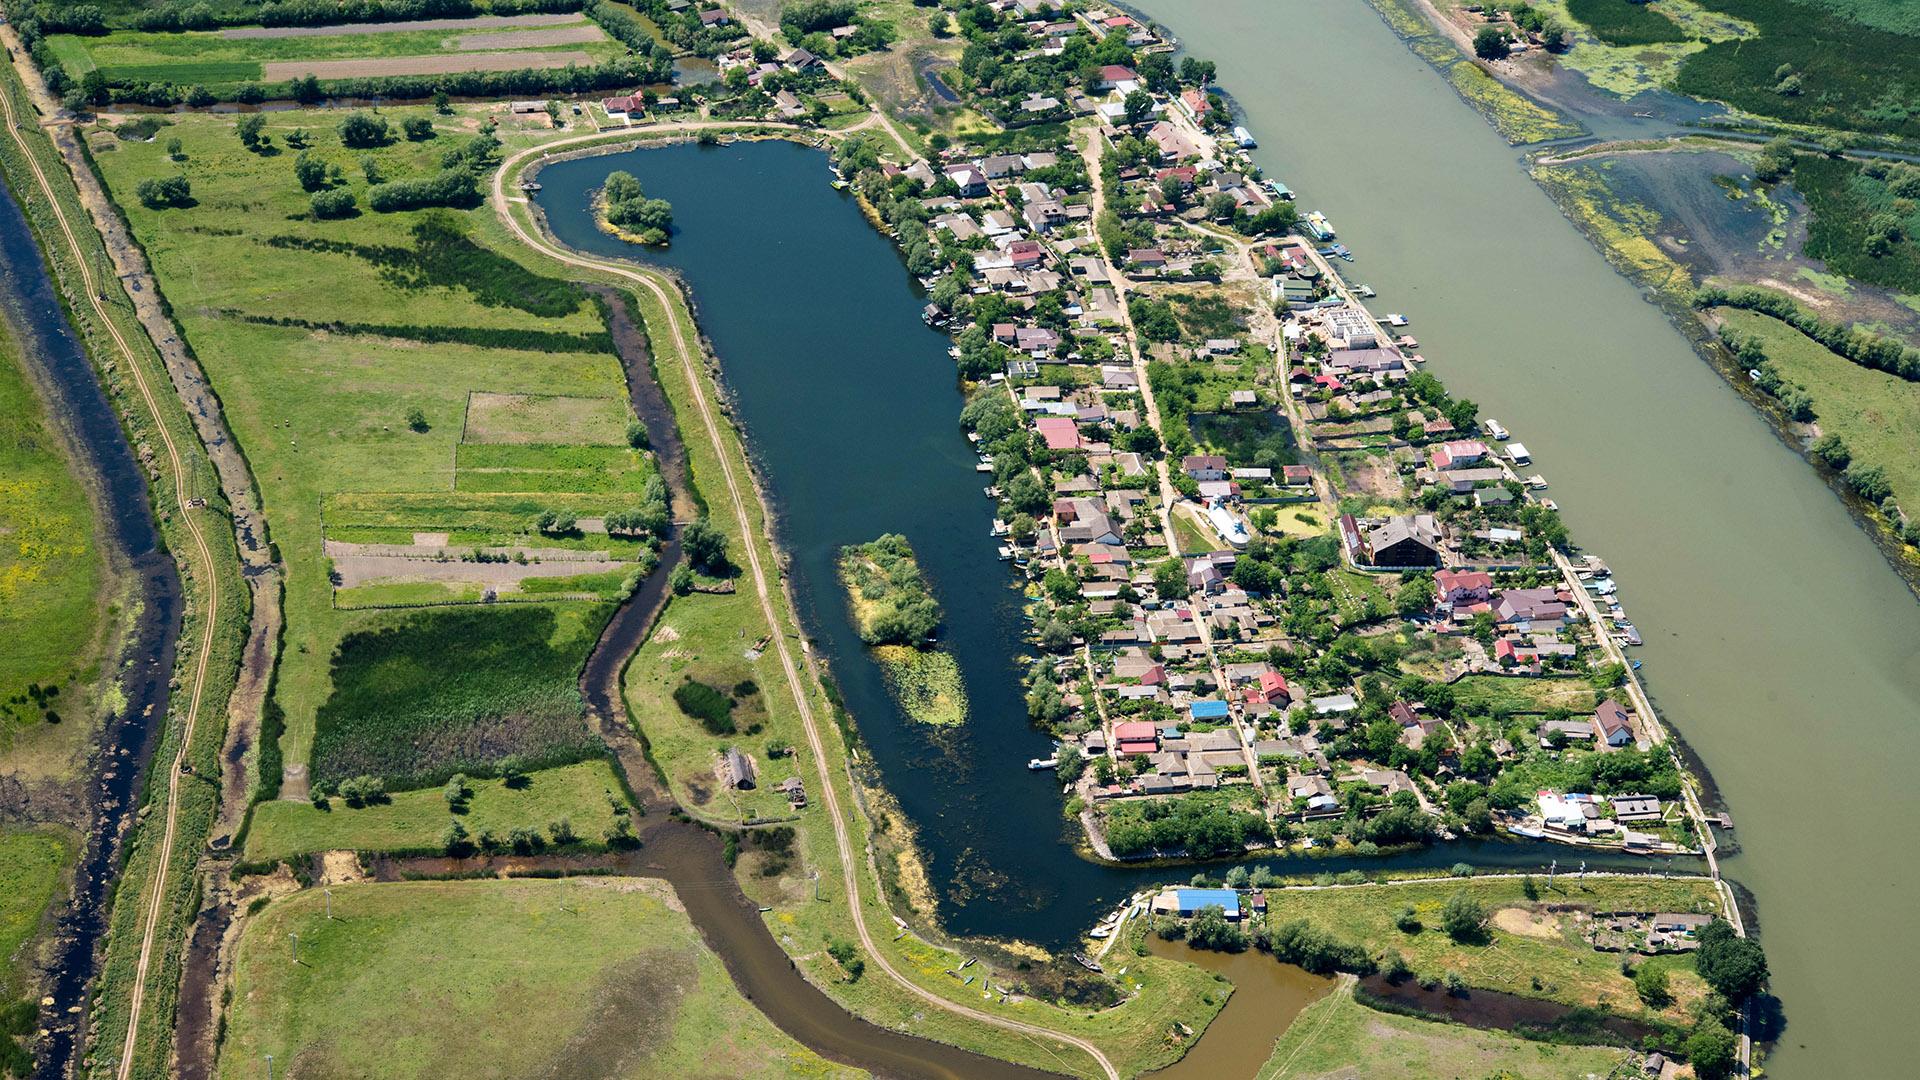 Sejur în Delta Dunării la Mila 23 cu excursie Sulina și Sf. Gheorghe